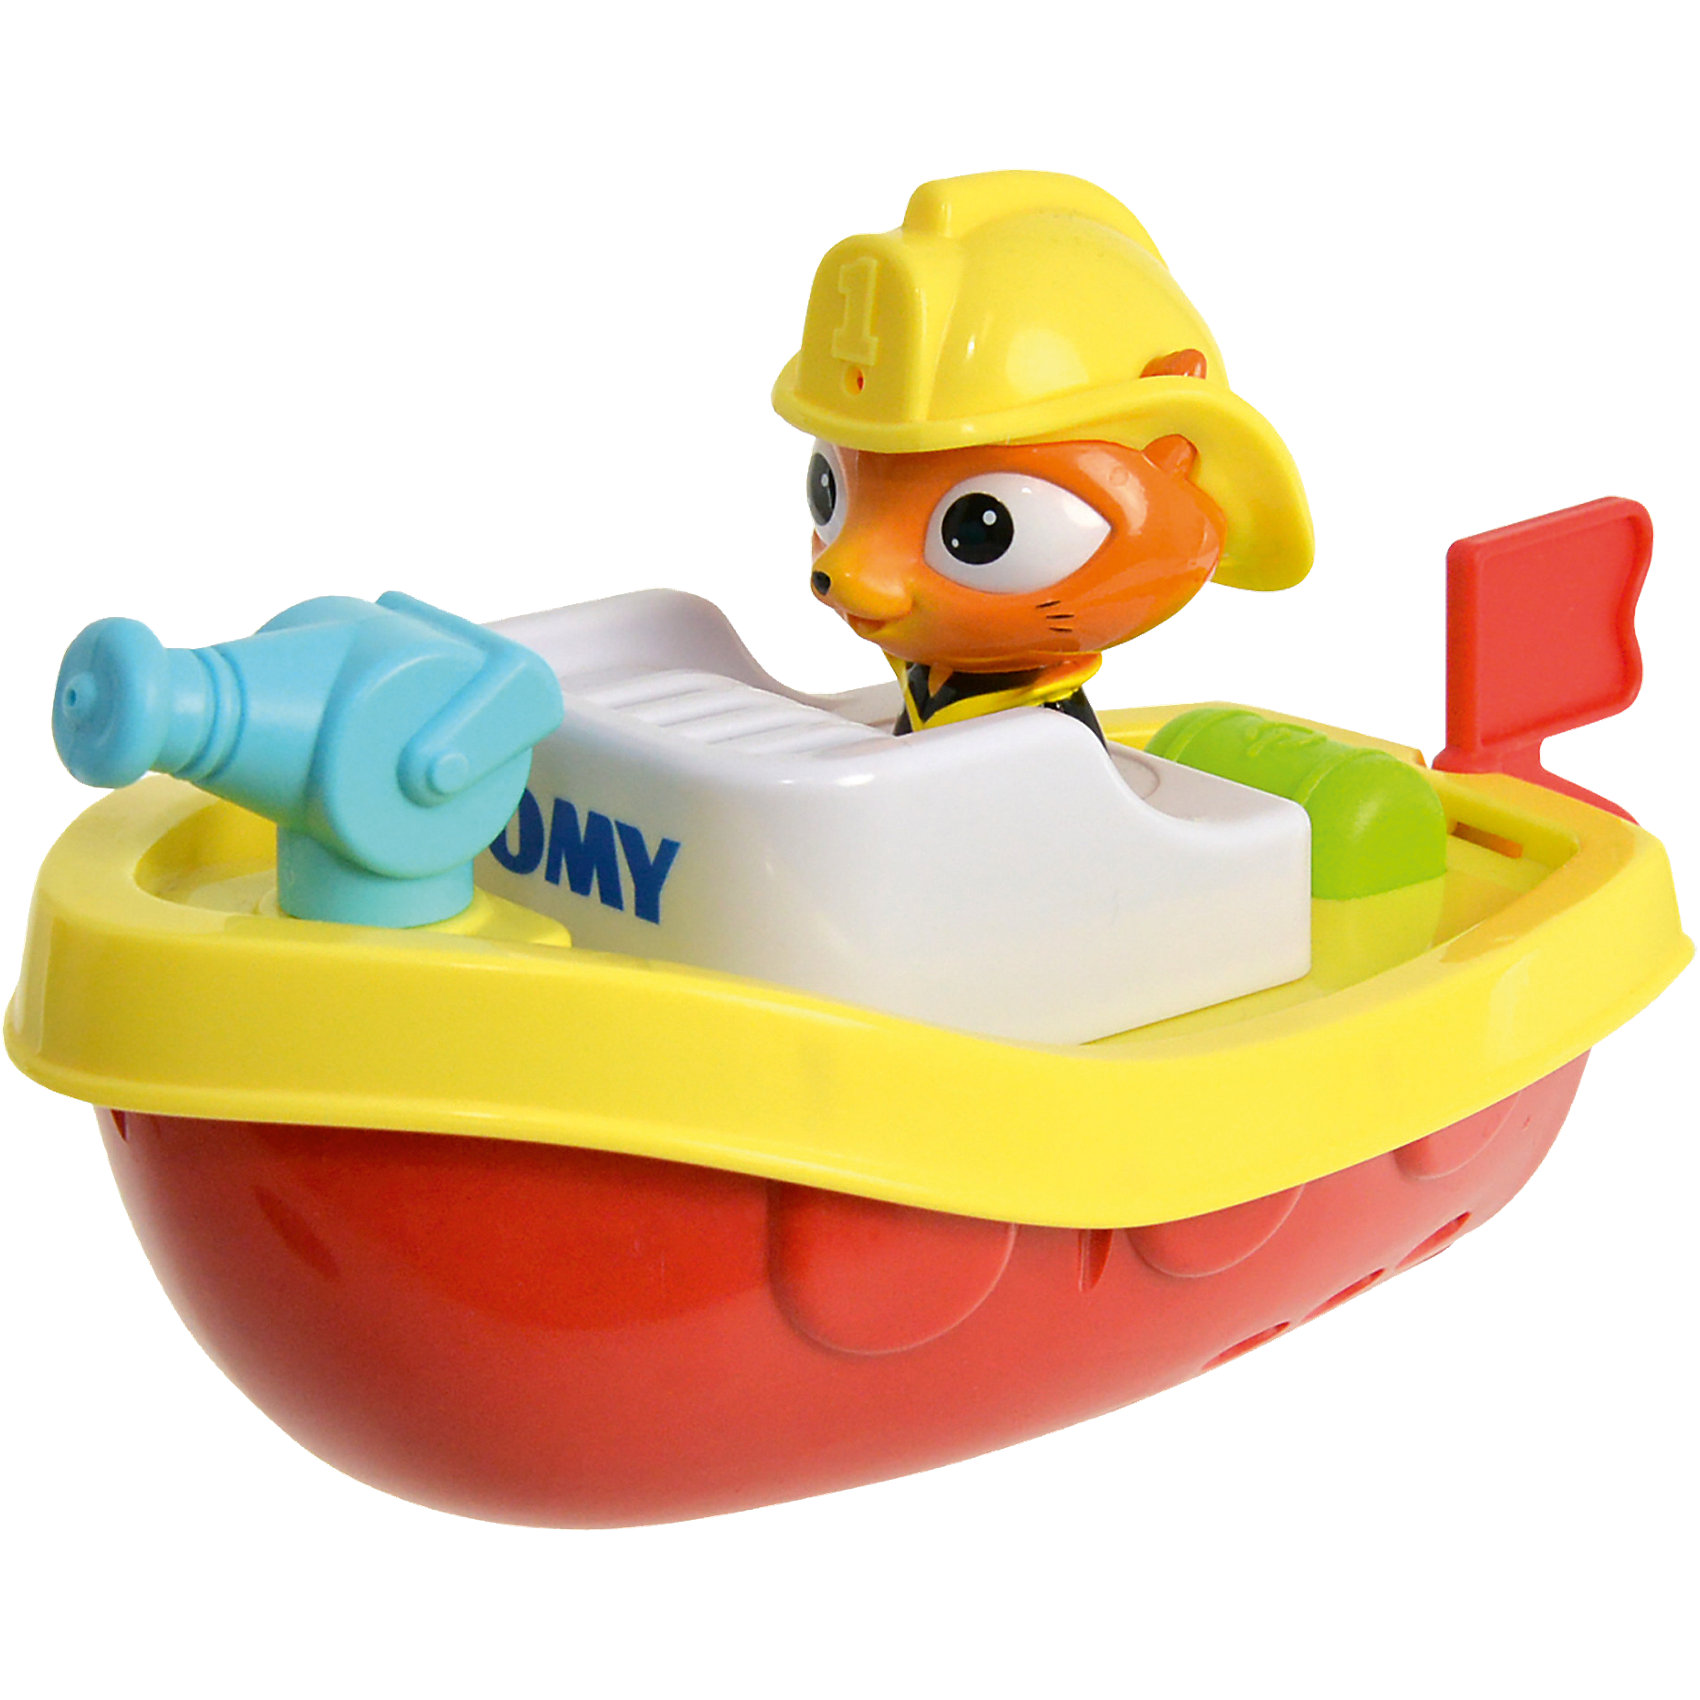 Пожарный катер на пульте д/у, TOMYДинамические игрушки<br>Характеристики пожарного катера на пульте д/у<br><br>- возраст: от 12 месяцев<br>- пол: для мальчиков и девочек<br>- комплект: катер, пульт управления.<br>- наличие батареек: входят в комплект.<br>- тип батареек: 3 х AAA / LR0.3 1.5V (мизинчиковые).<br>- материал: пластик, металл.<br>- размер упаковки: 21 * 29 * 13 см.<br>- упаковка: картонная коробка открытого типа.<br>- размер катера: 18 * 18 * 21 см.<br>- страна обладатель бренда: Великобритания.<br><br>Капитан Кот от компании Tomy - это невероятная игрушка на дистанционном управлении,представляющая из себя пожарный катер, которым управляет симпатичный кот в каске. Игрушка предназначена для игр в воде, пульт водонепроницаем, поэтому можно не опасаться за то, что на него попадет вода. Пожарный катер способен превратить скучное принятие ванной в целое развлечение для ребенка. Помимо того, что катер действительно может плыть по воде, а ребенок может управляет его движением дистанционно, катер еще и может стрелять водой из небольшого водомета.<br><br>Пожарный катер на пульте д/у торговой марки Tomy (Томи) можно купить в нашем интернет-магазине.<br><br>Ширина мм: 313<br>Глубина мм: 215<br>Высота мм: 137<br>Вес г: 529<br>Возраст от месяцев: 10<br>Возраст до месяцев: 36<br>Пол: Унисекс<br>Возраст: Детский<br>SKU: 4599022